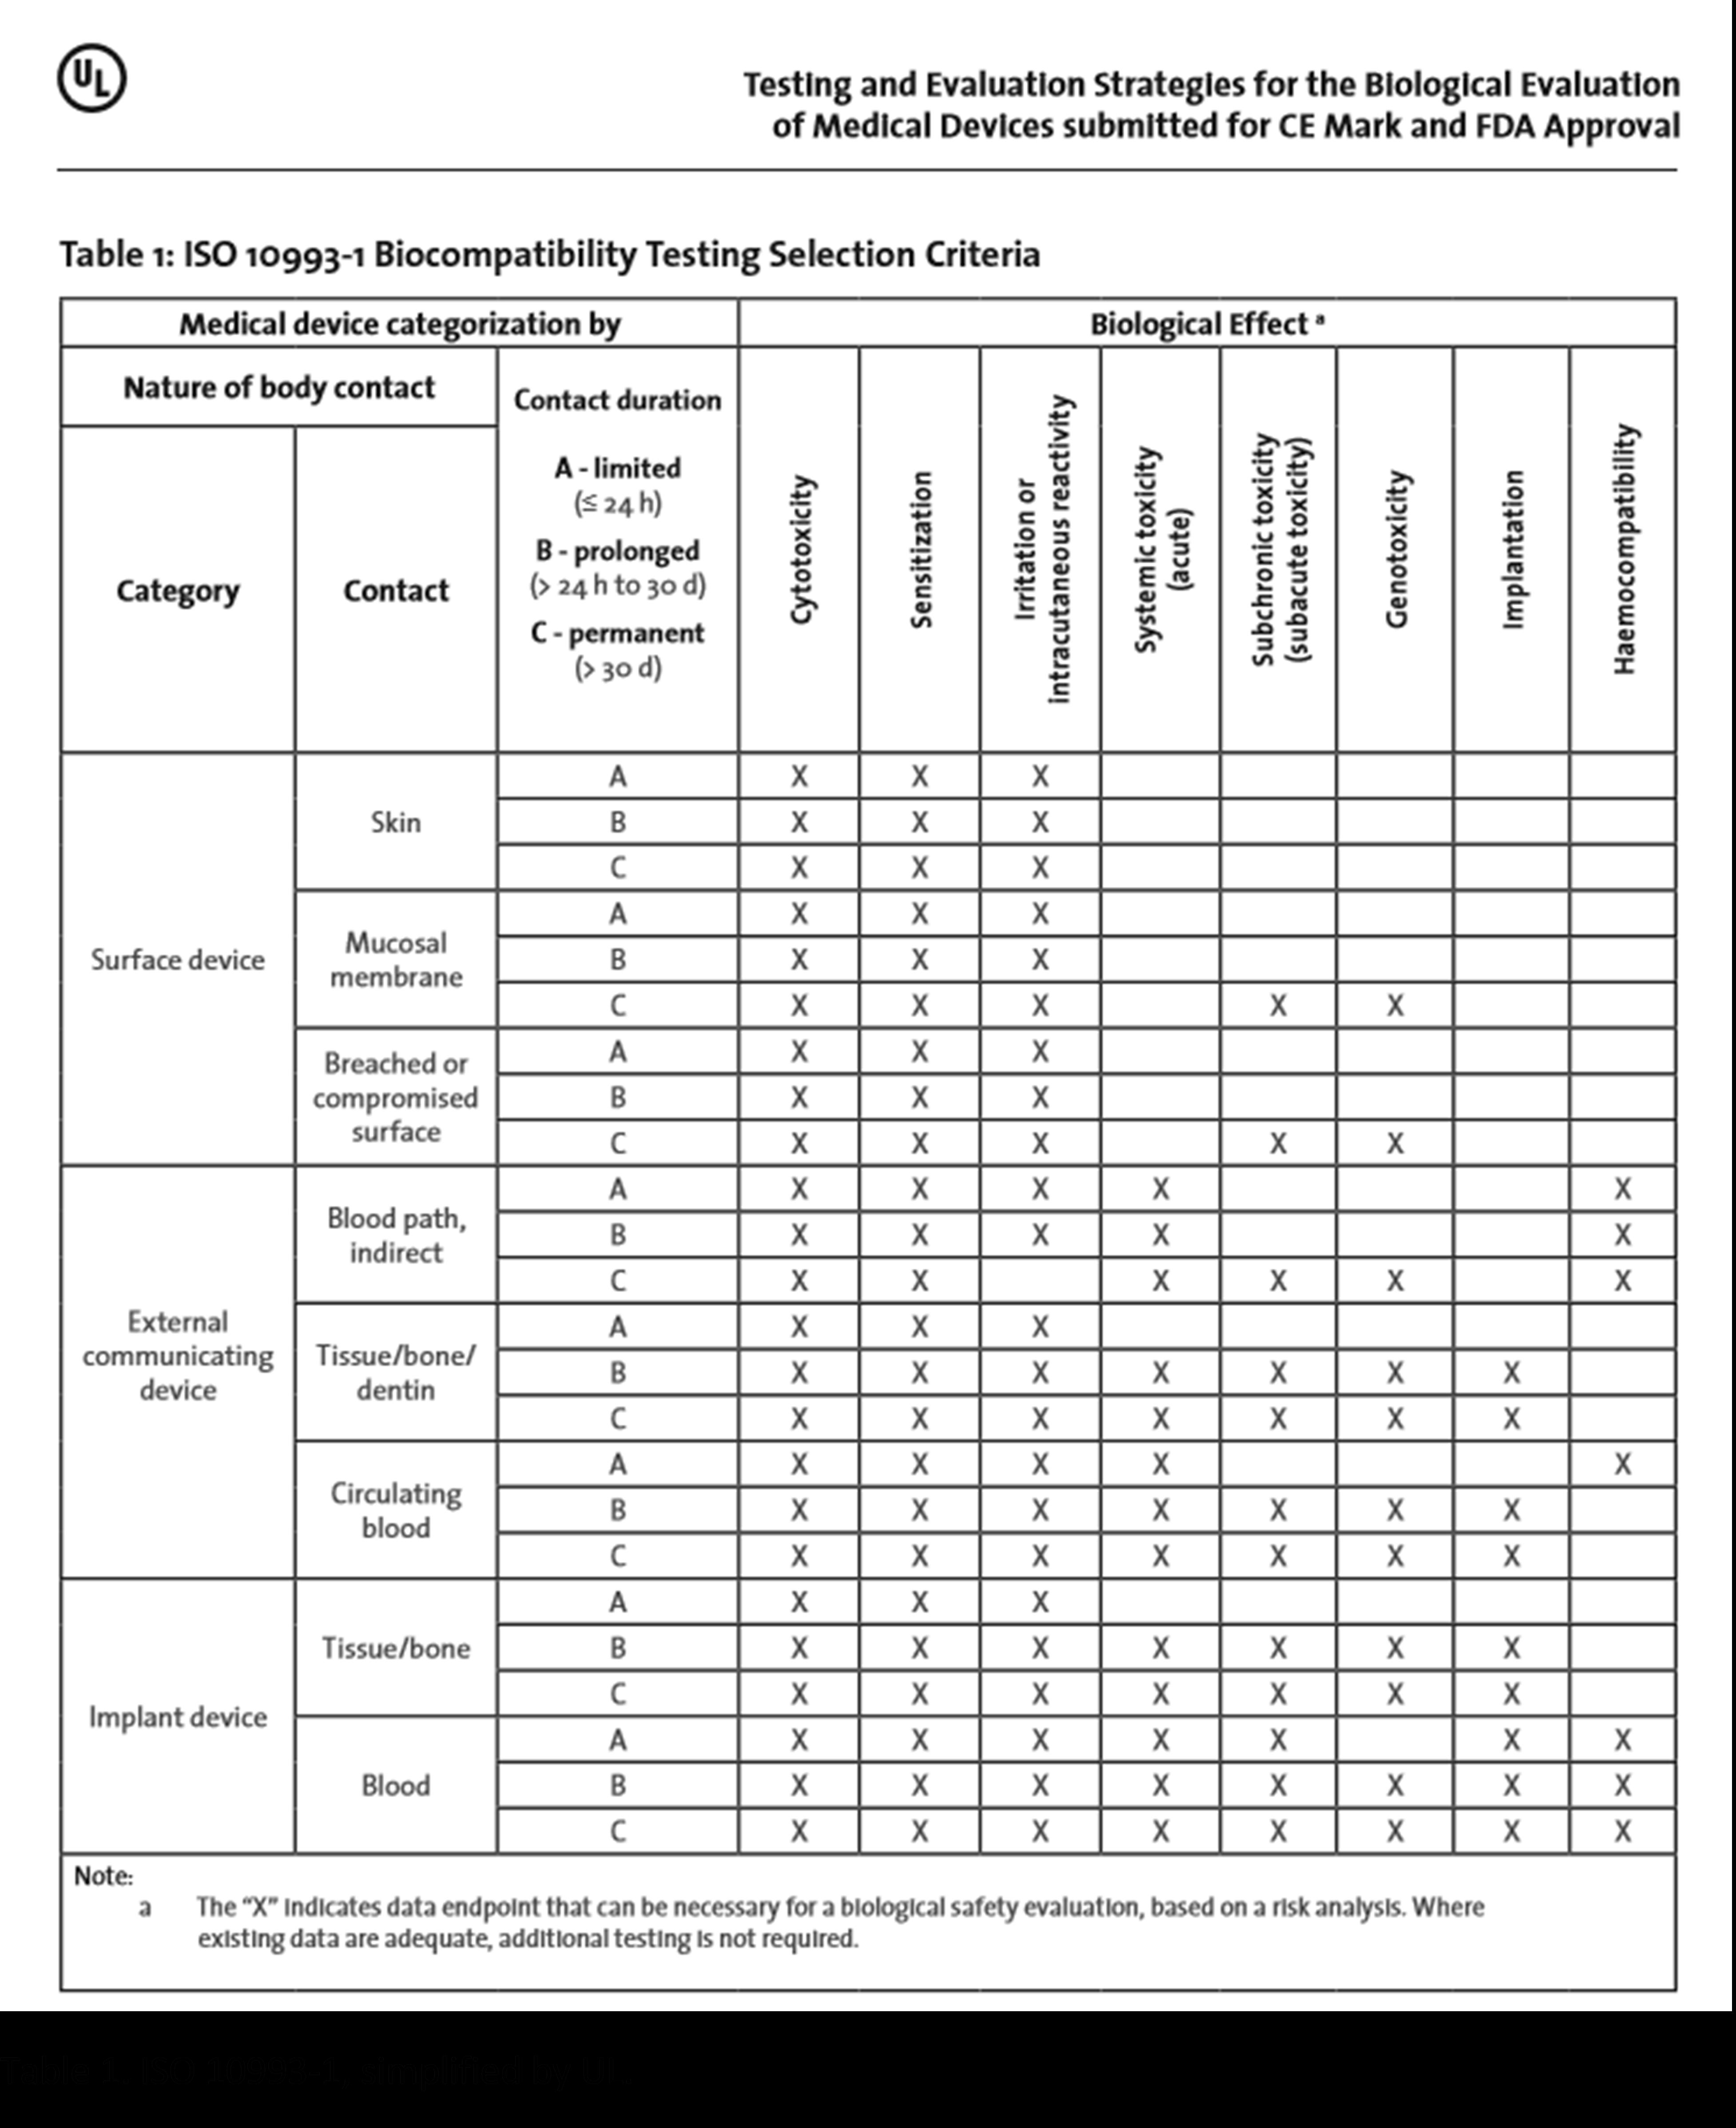 ISO 10993-1 Biocompatibility Testing Selection Criteria